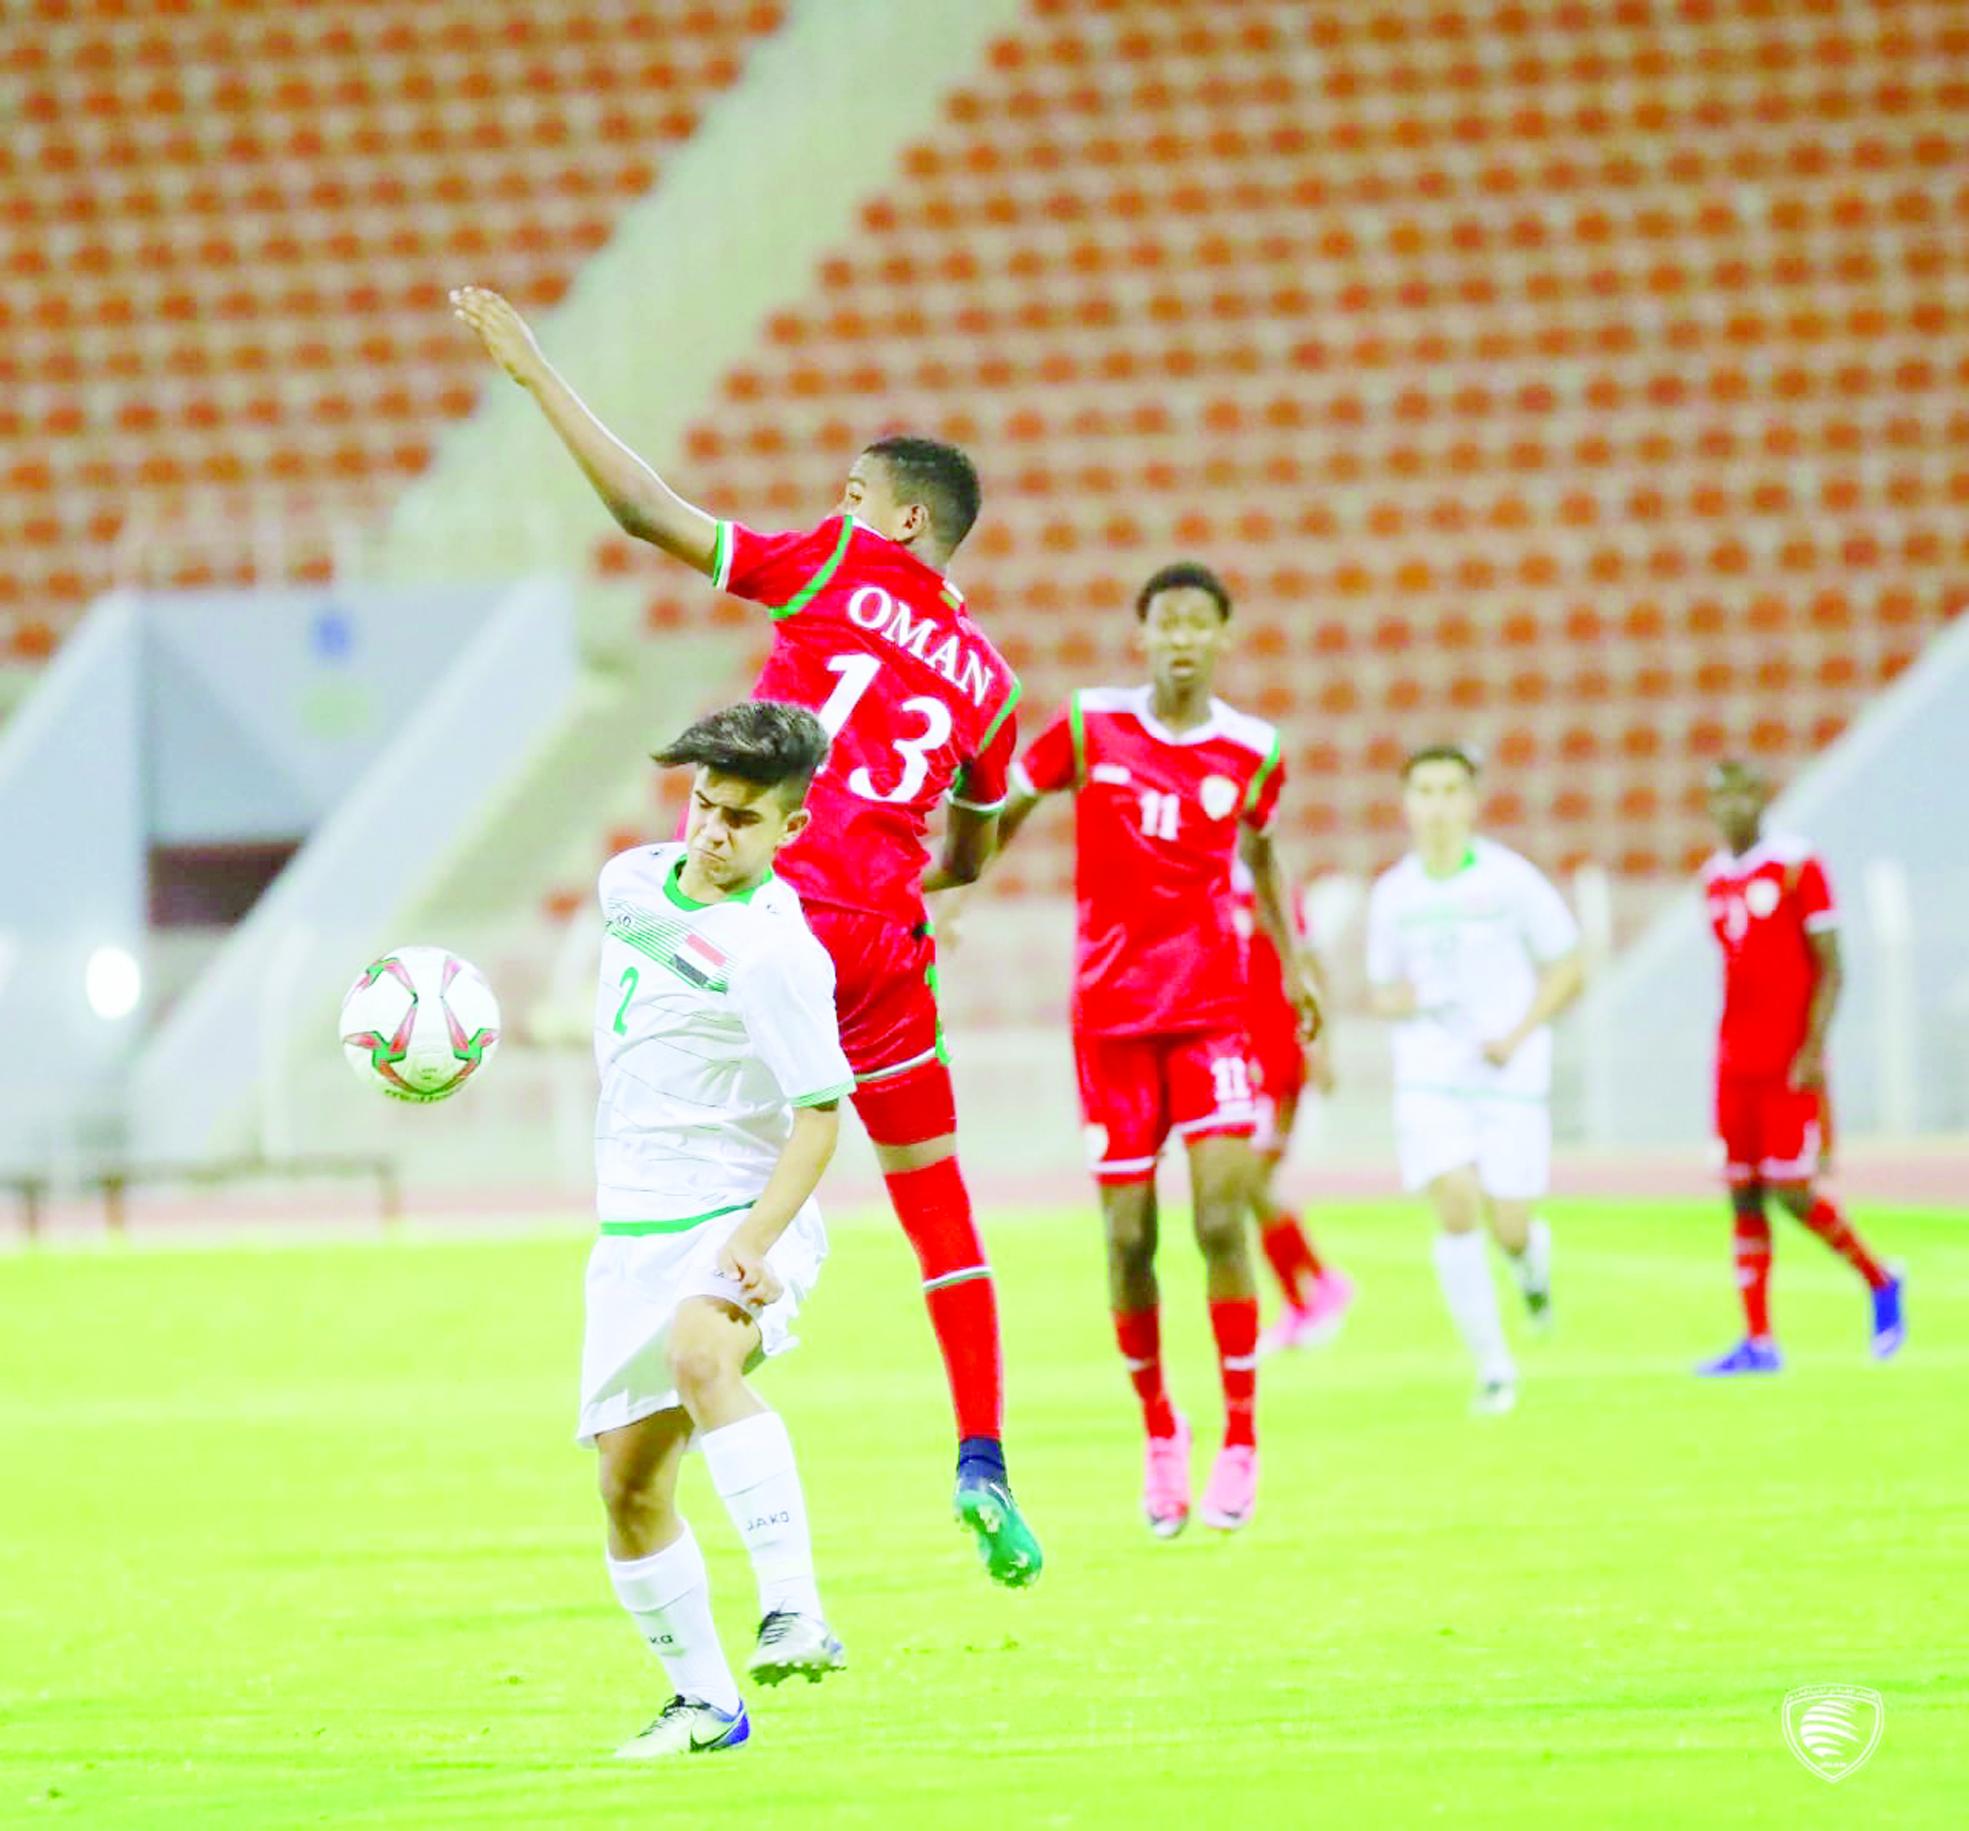 منتخبنا للناشئين لكرة القدم يواجه الأردن في غرب آسيا